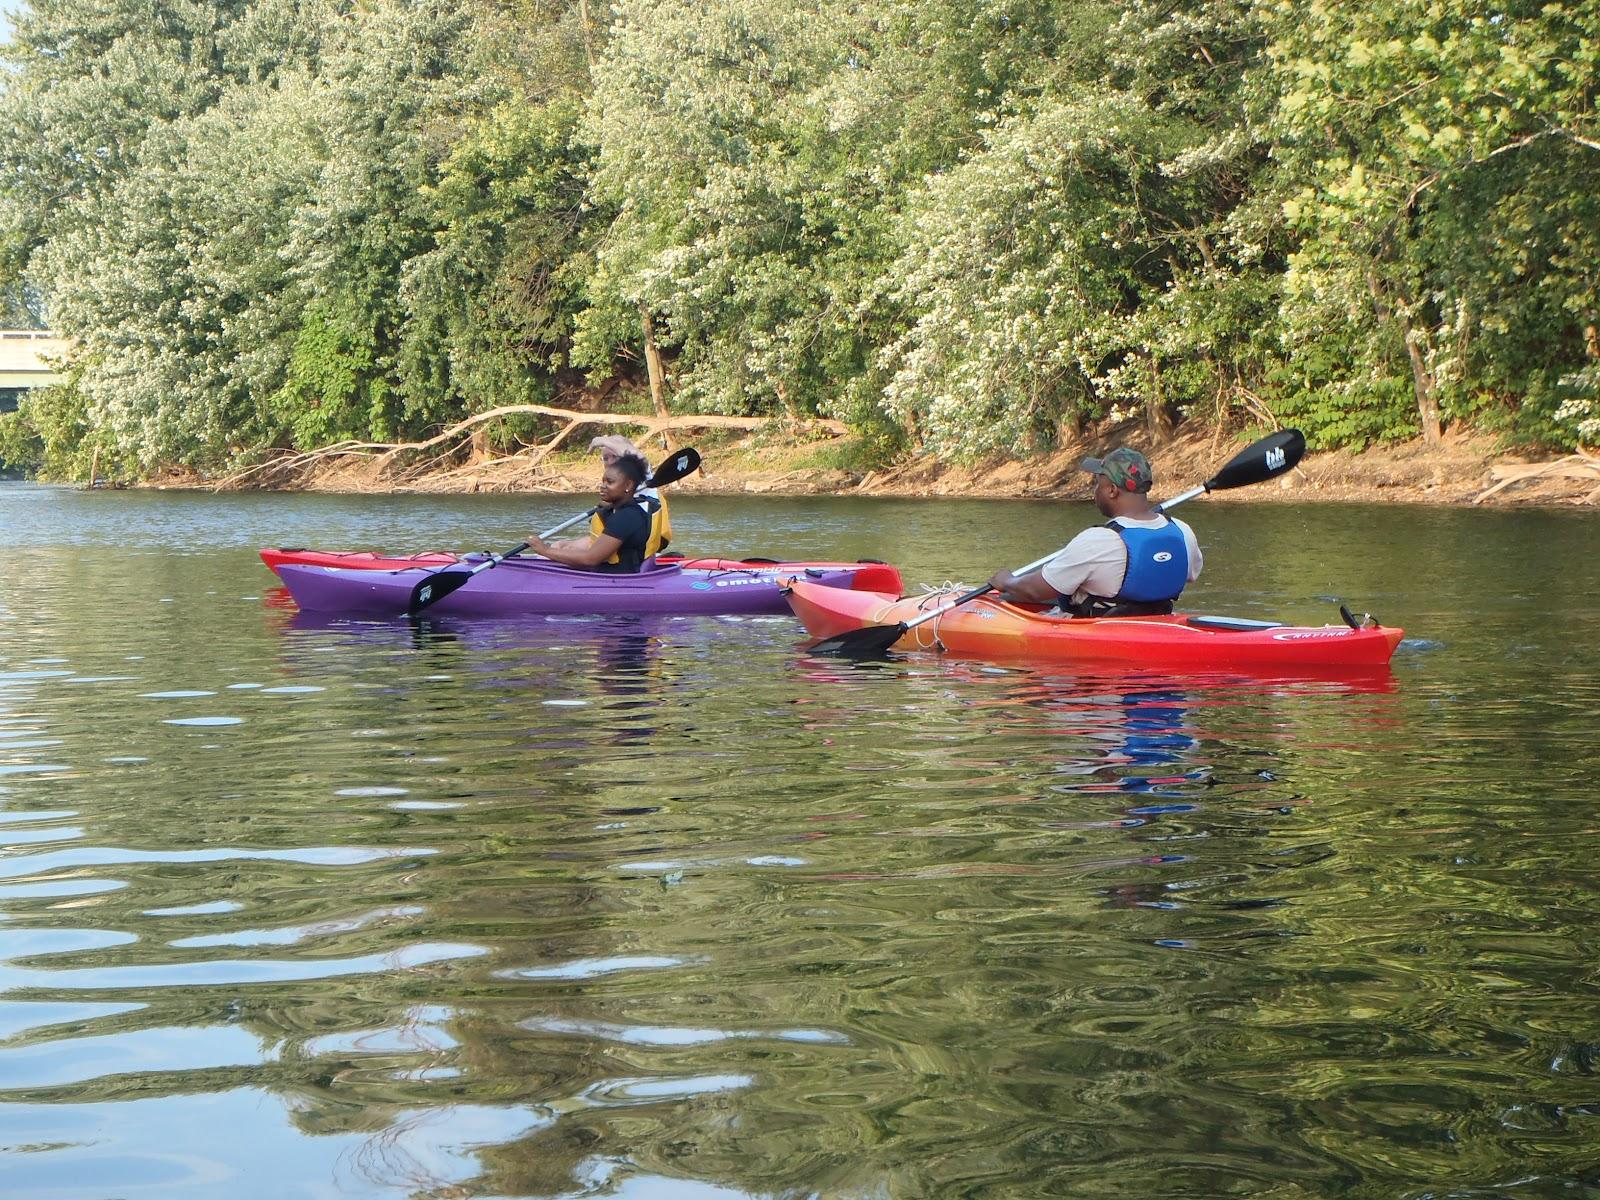 John 39 s kayak july 2012 for Passaic river fishing